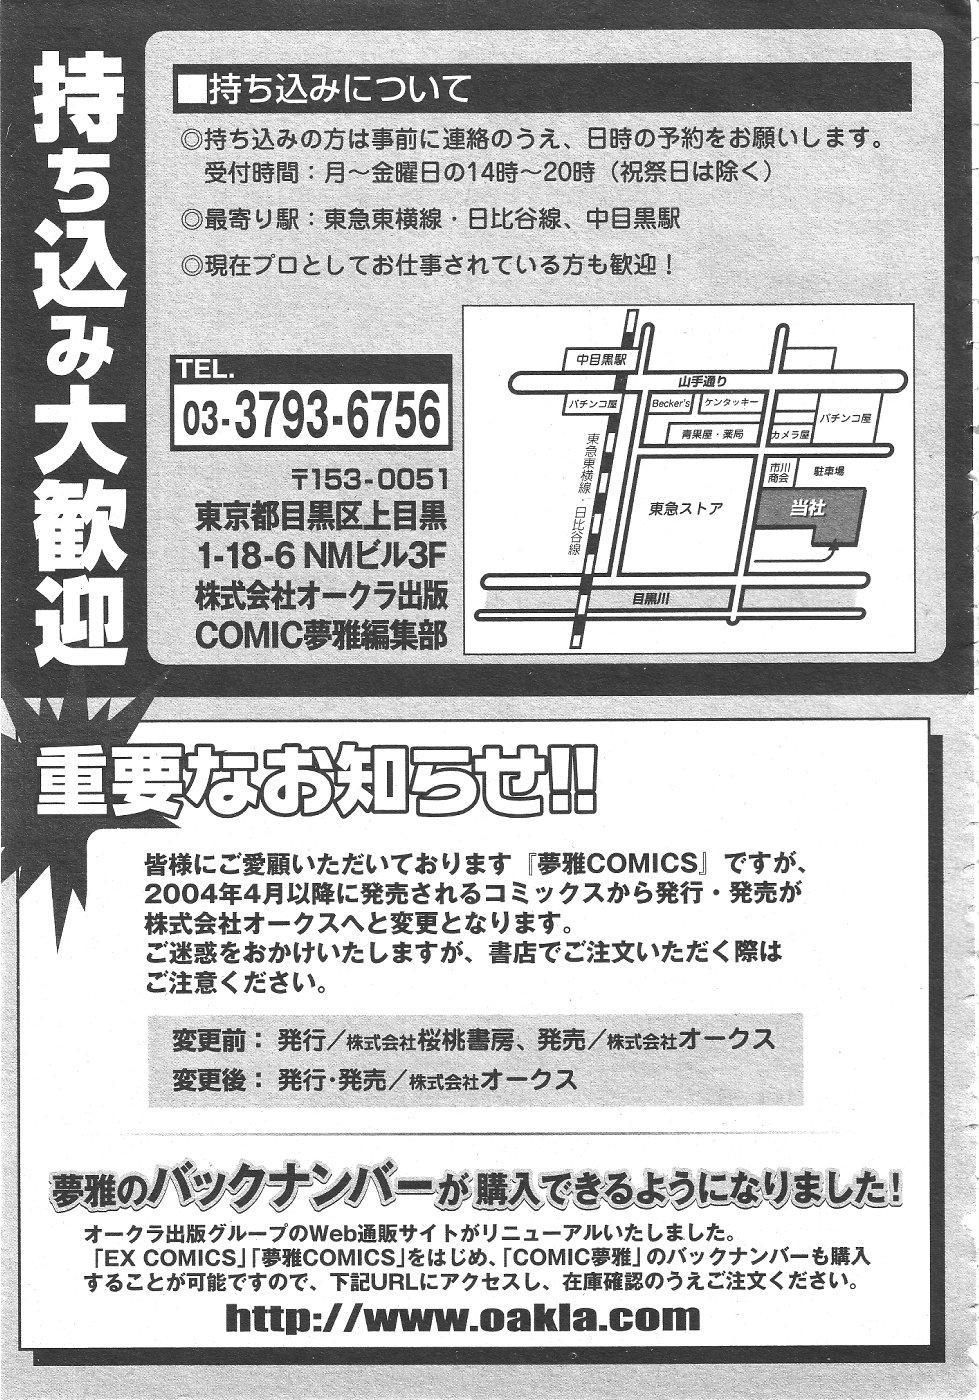 Gekkan Comic Muga 2004-06 Vol.10 424